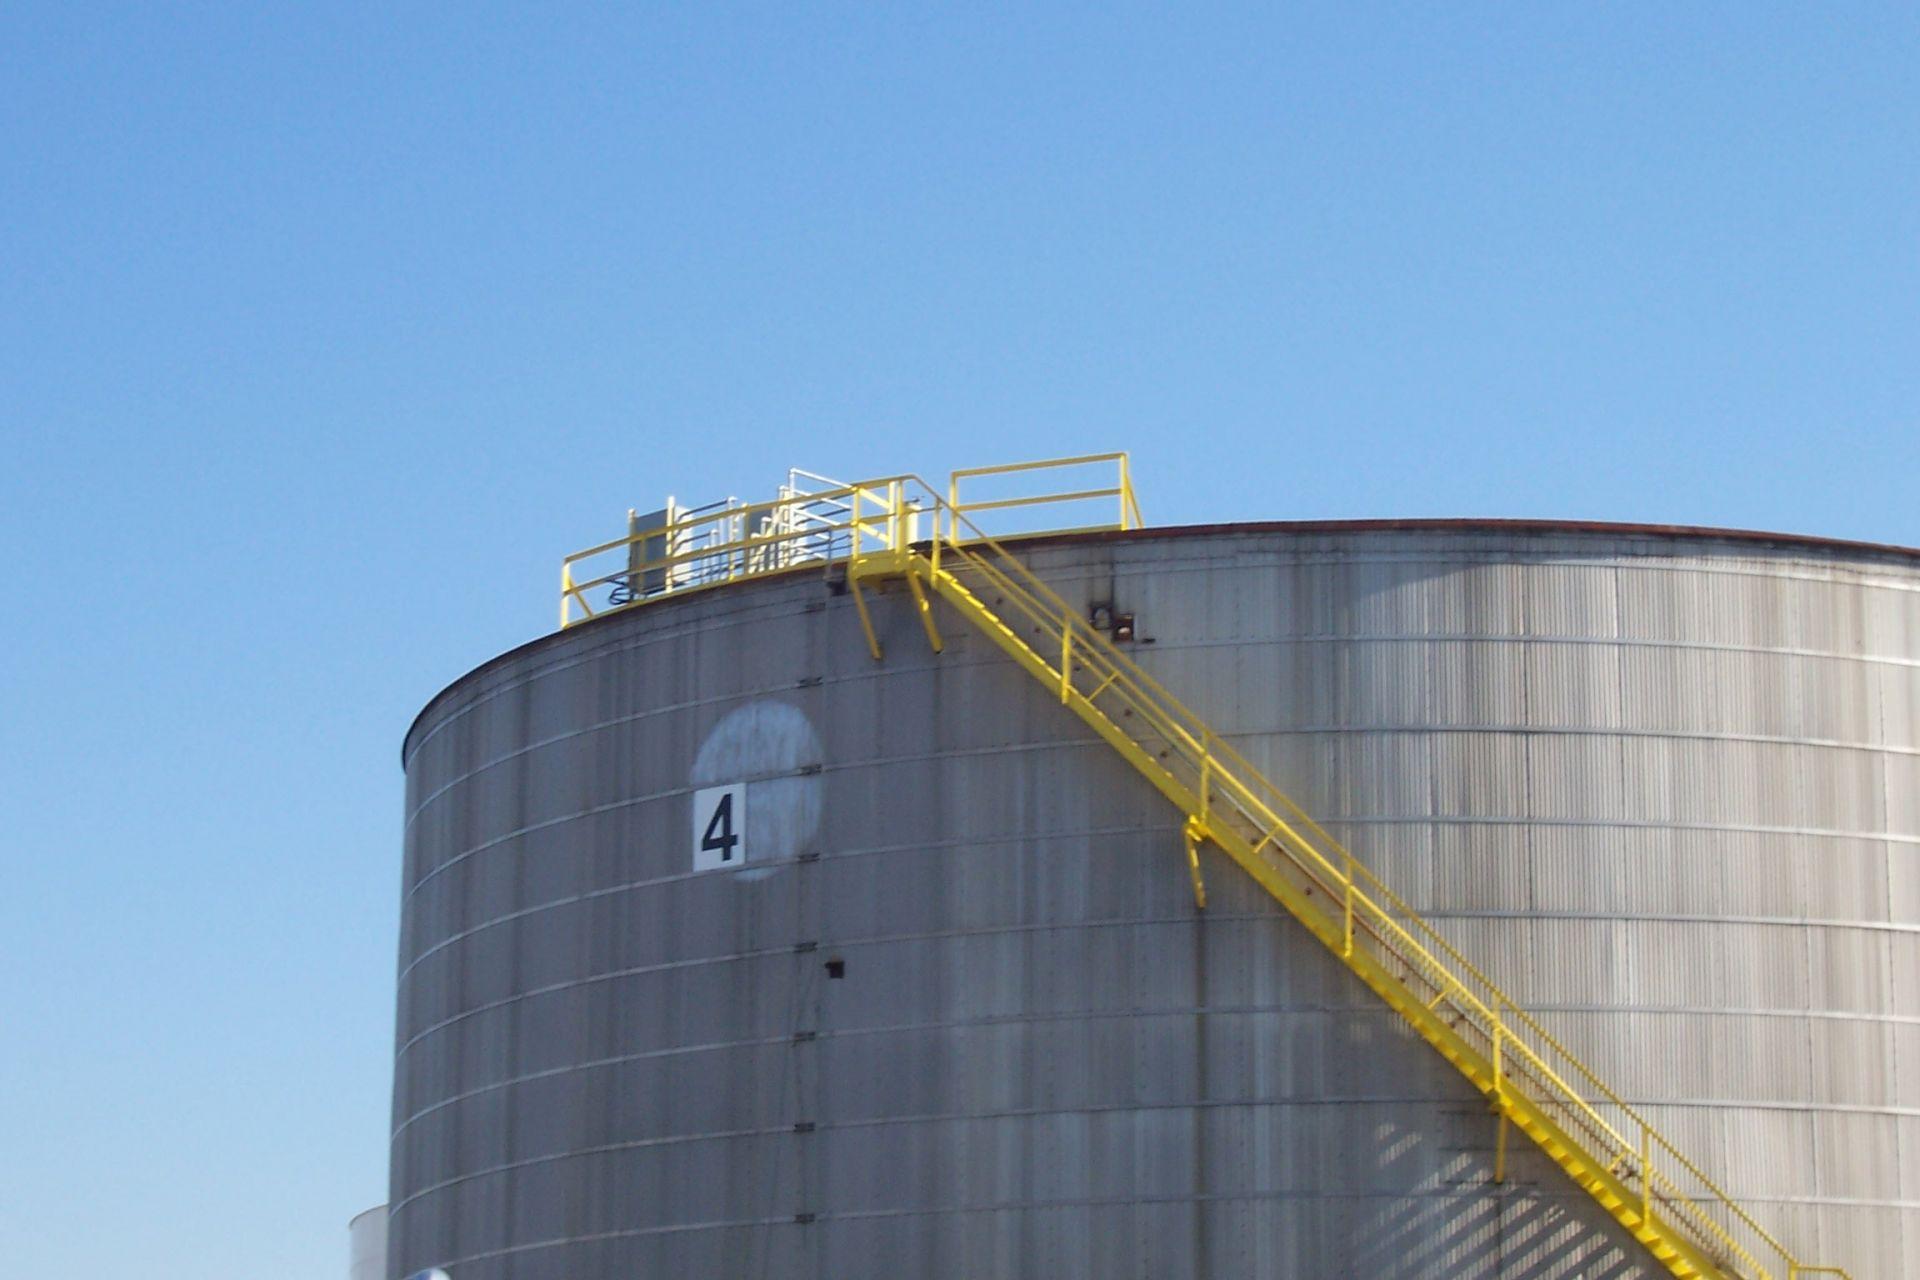 Large tank mixing